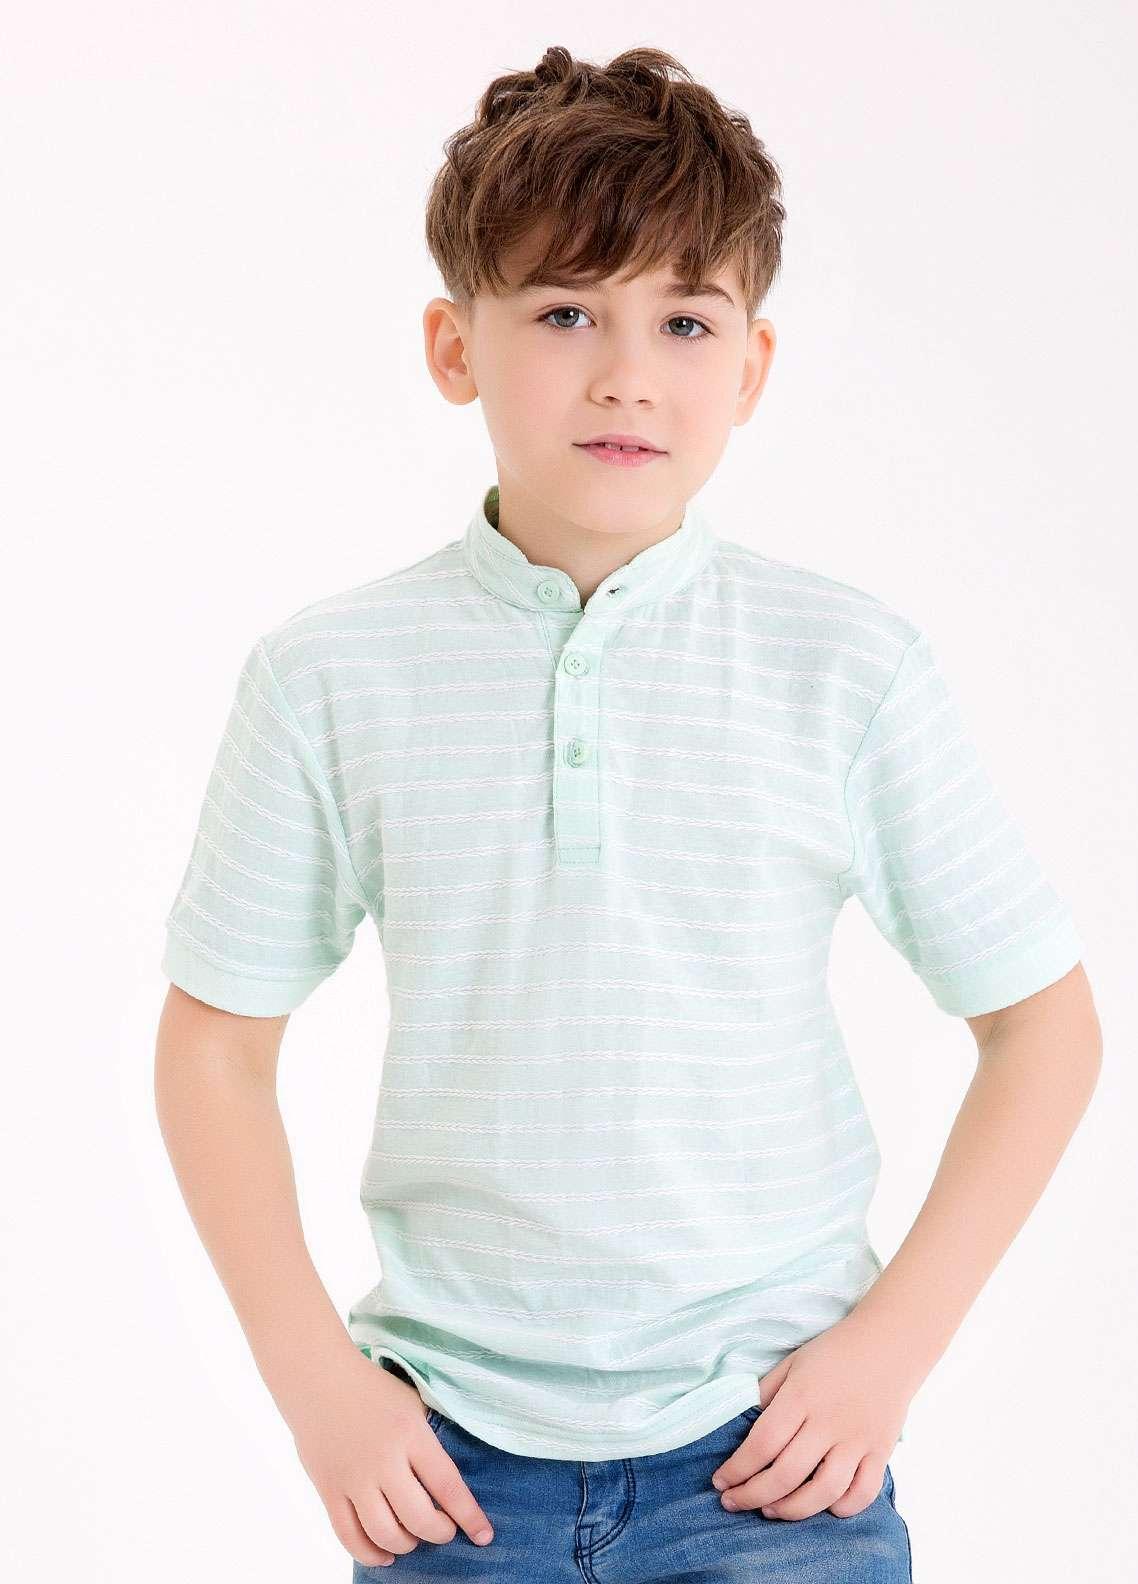 Edenrobe Cotton Polo Boys Shirts - Sea Green EDK18PS 017